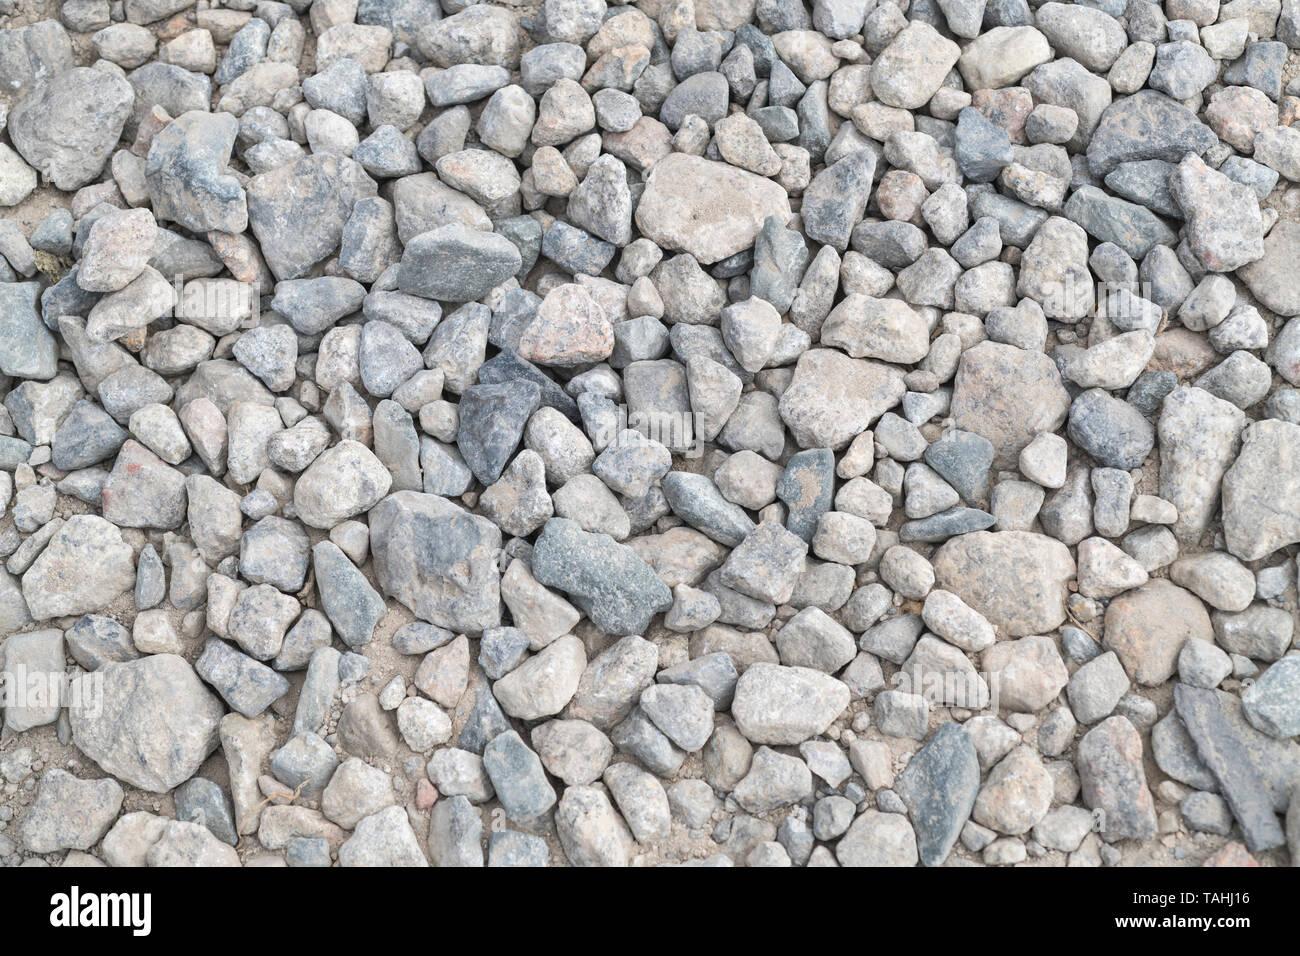 Verdichteter Stein hardcore Oberfläche - Metapher rau, holperig, rau, auf steinigen Boden fallen, holprigen Fahrt holperig. Stockbild